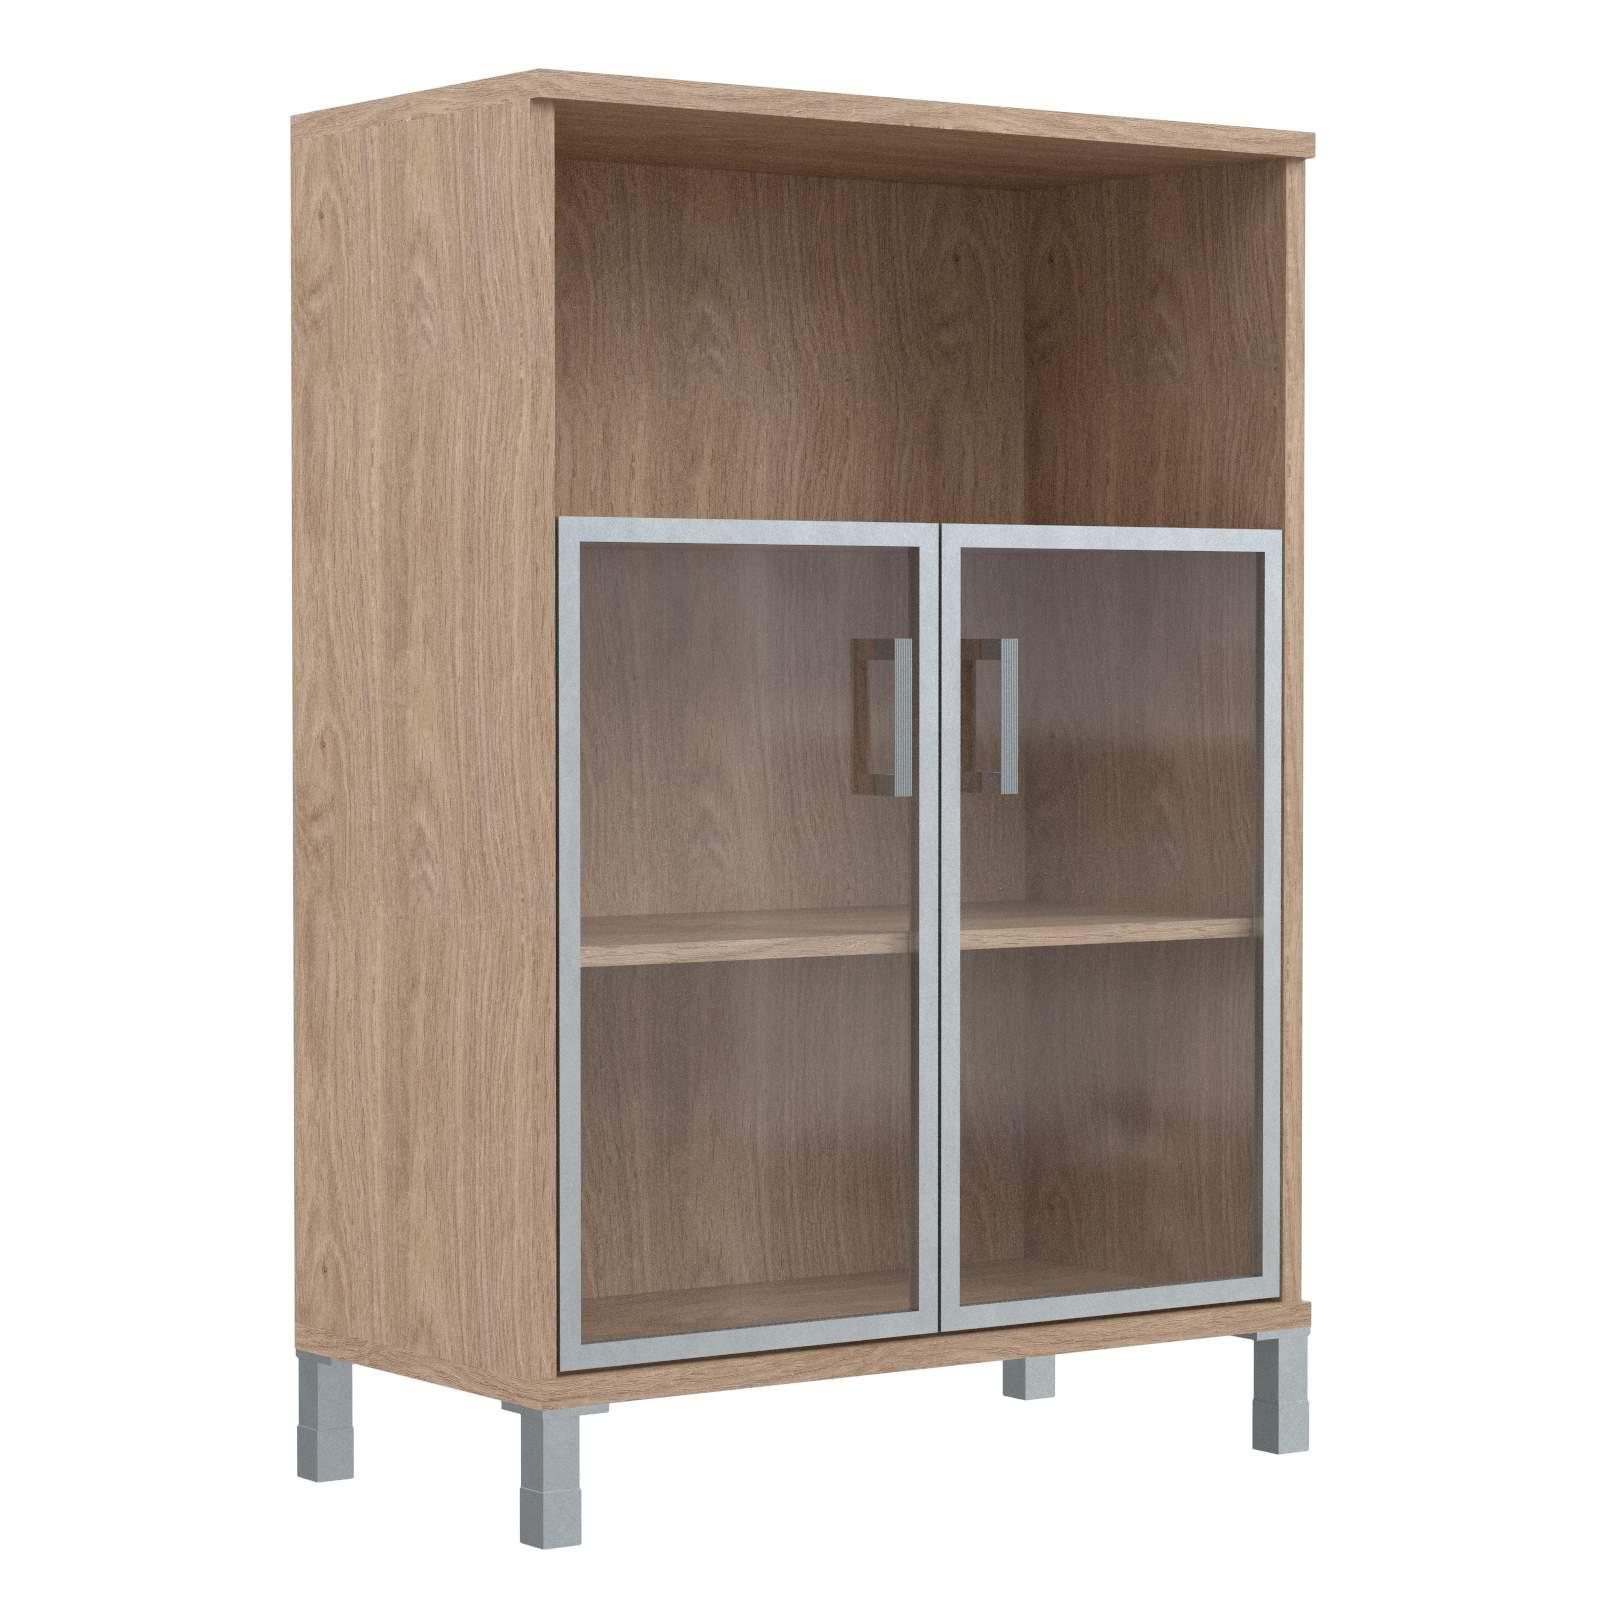 Шкаф средний с малыми стеклянными дверьми в алюм. рамке 900х435х1236